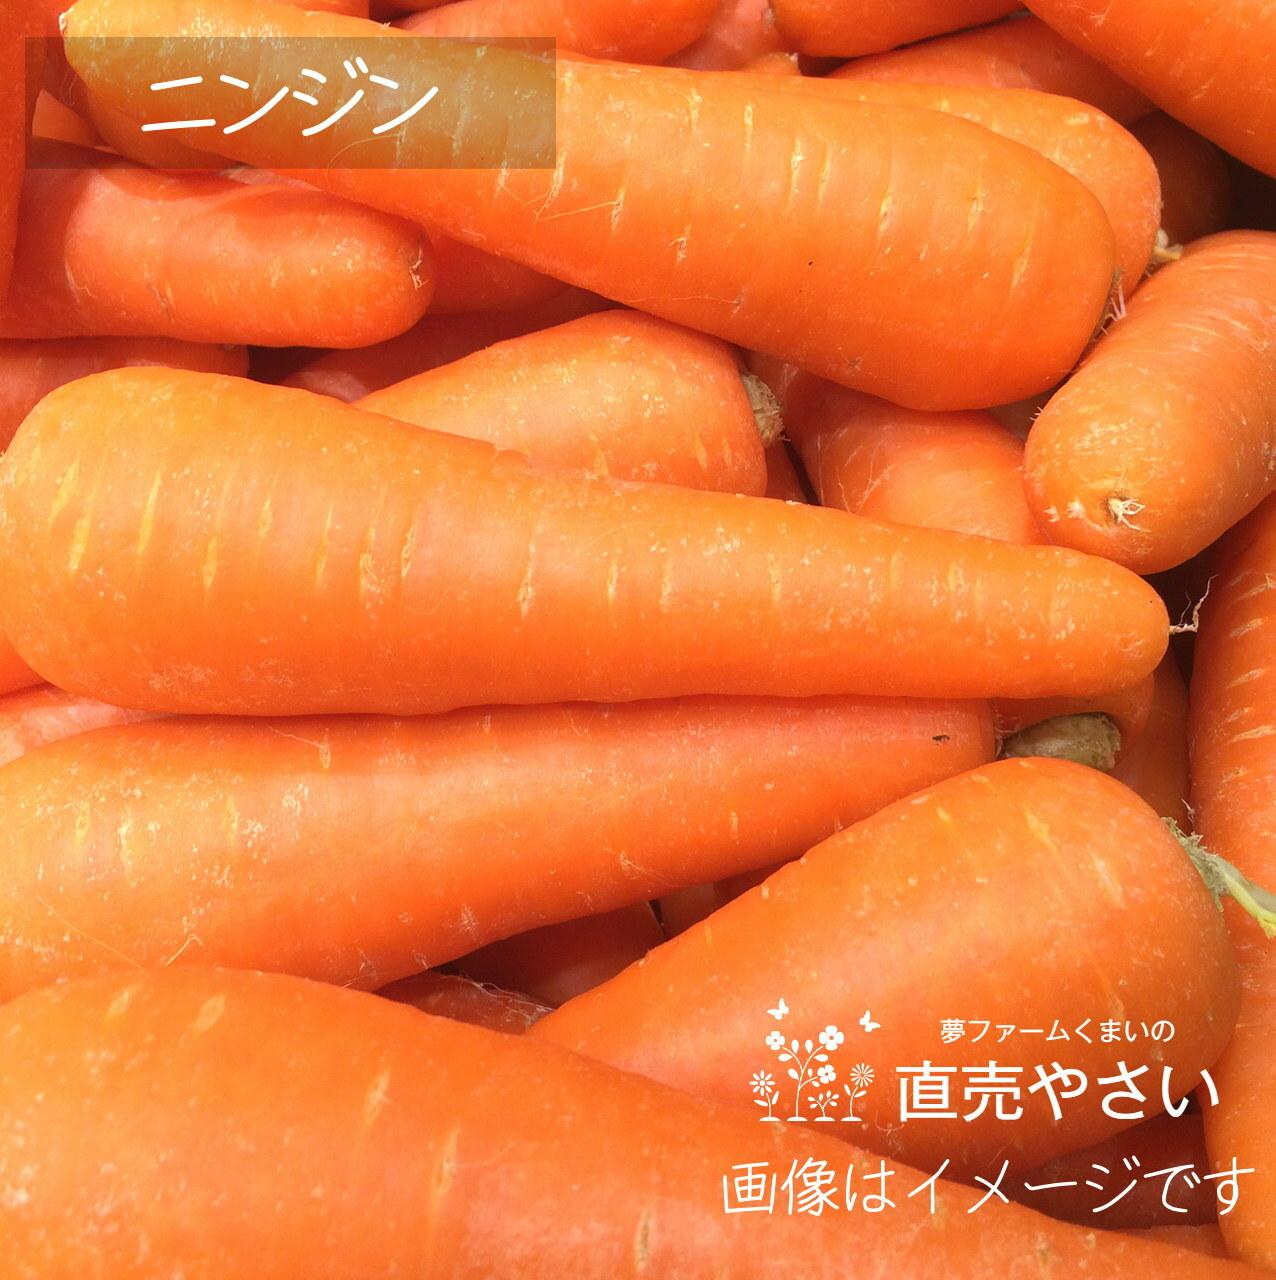 7月の新鮮な夏野菜 : ニンジン 約400g  朝採り直売野菜 7月18日発送予定